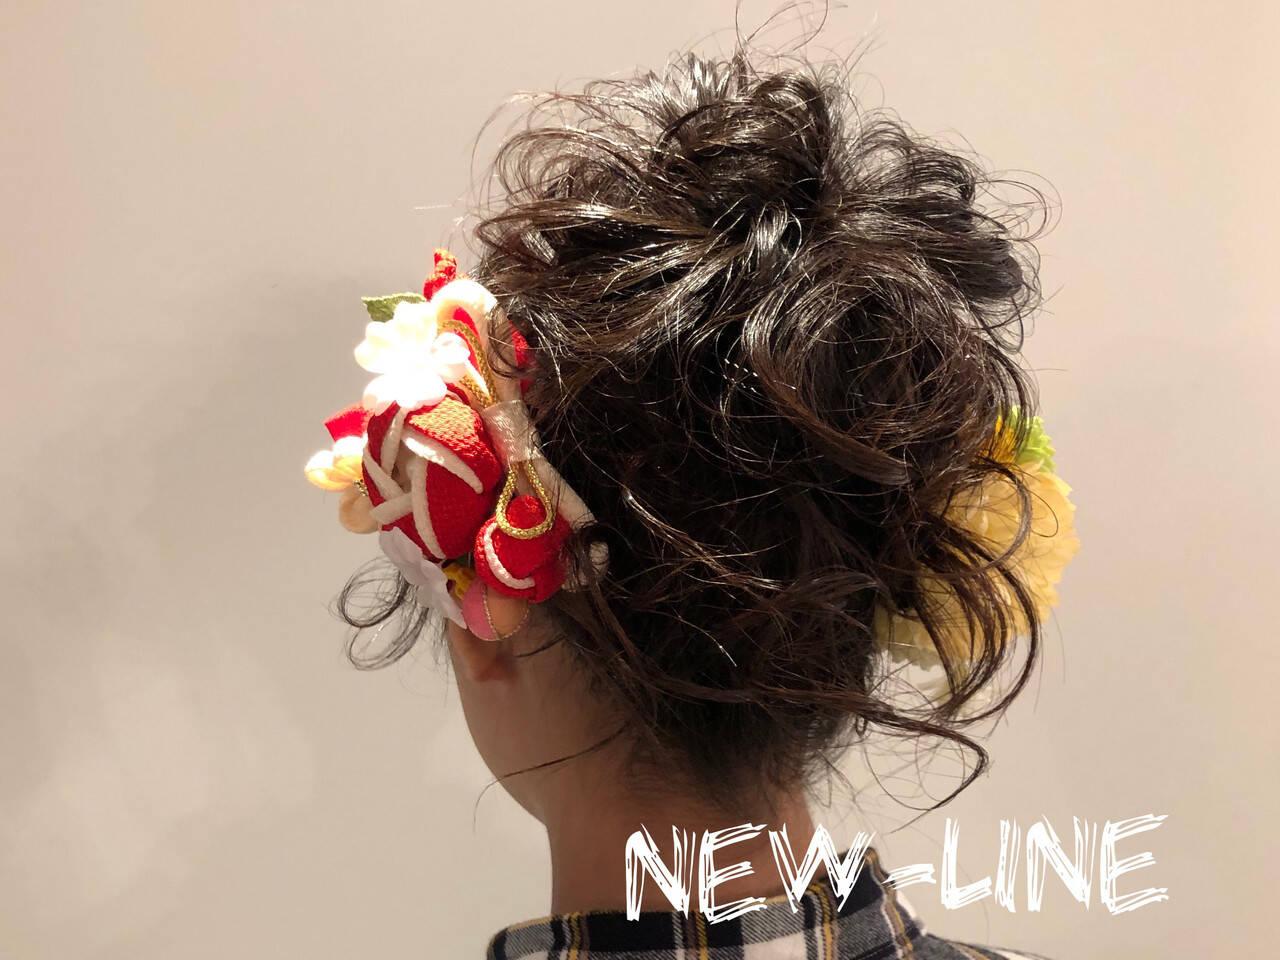 成人式 ヘアアレンジ パーティヘア セミロングヘアスタイルや髪型の写真・画像